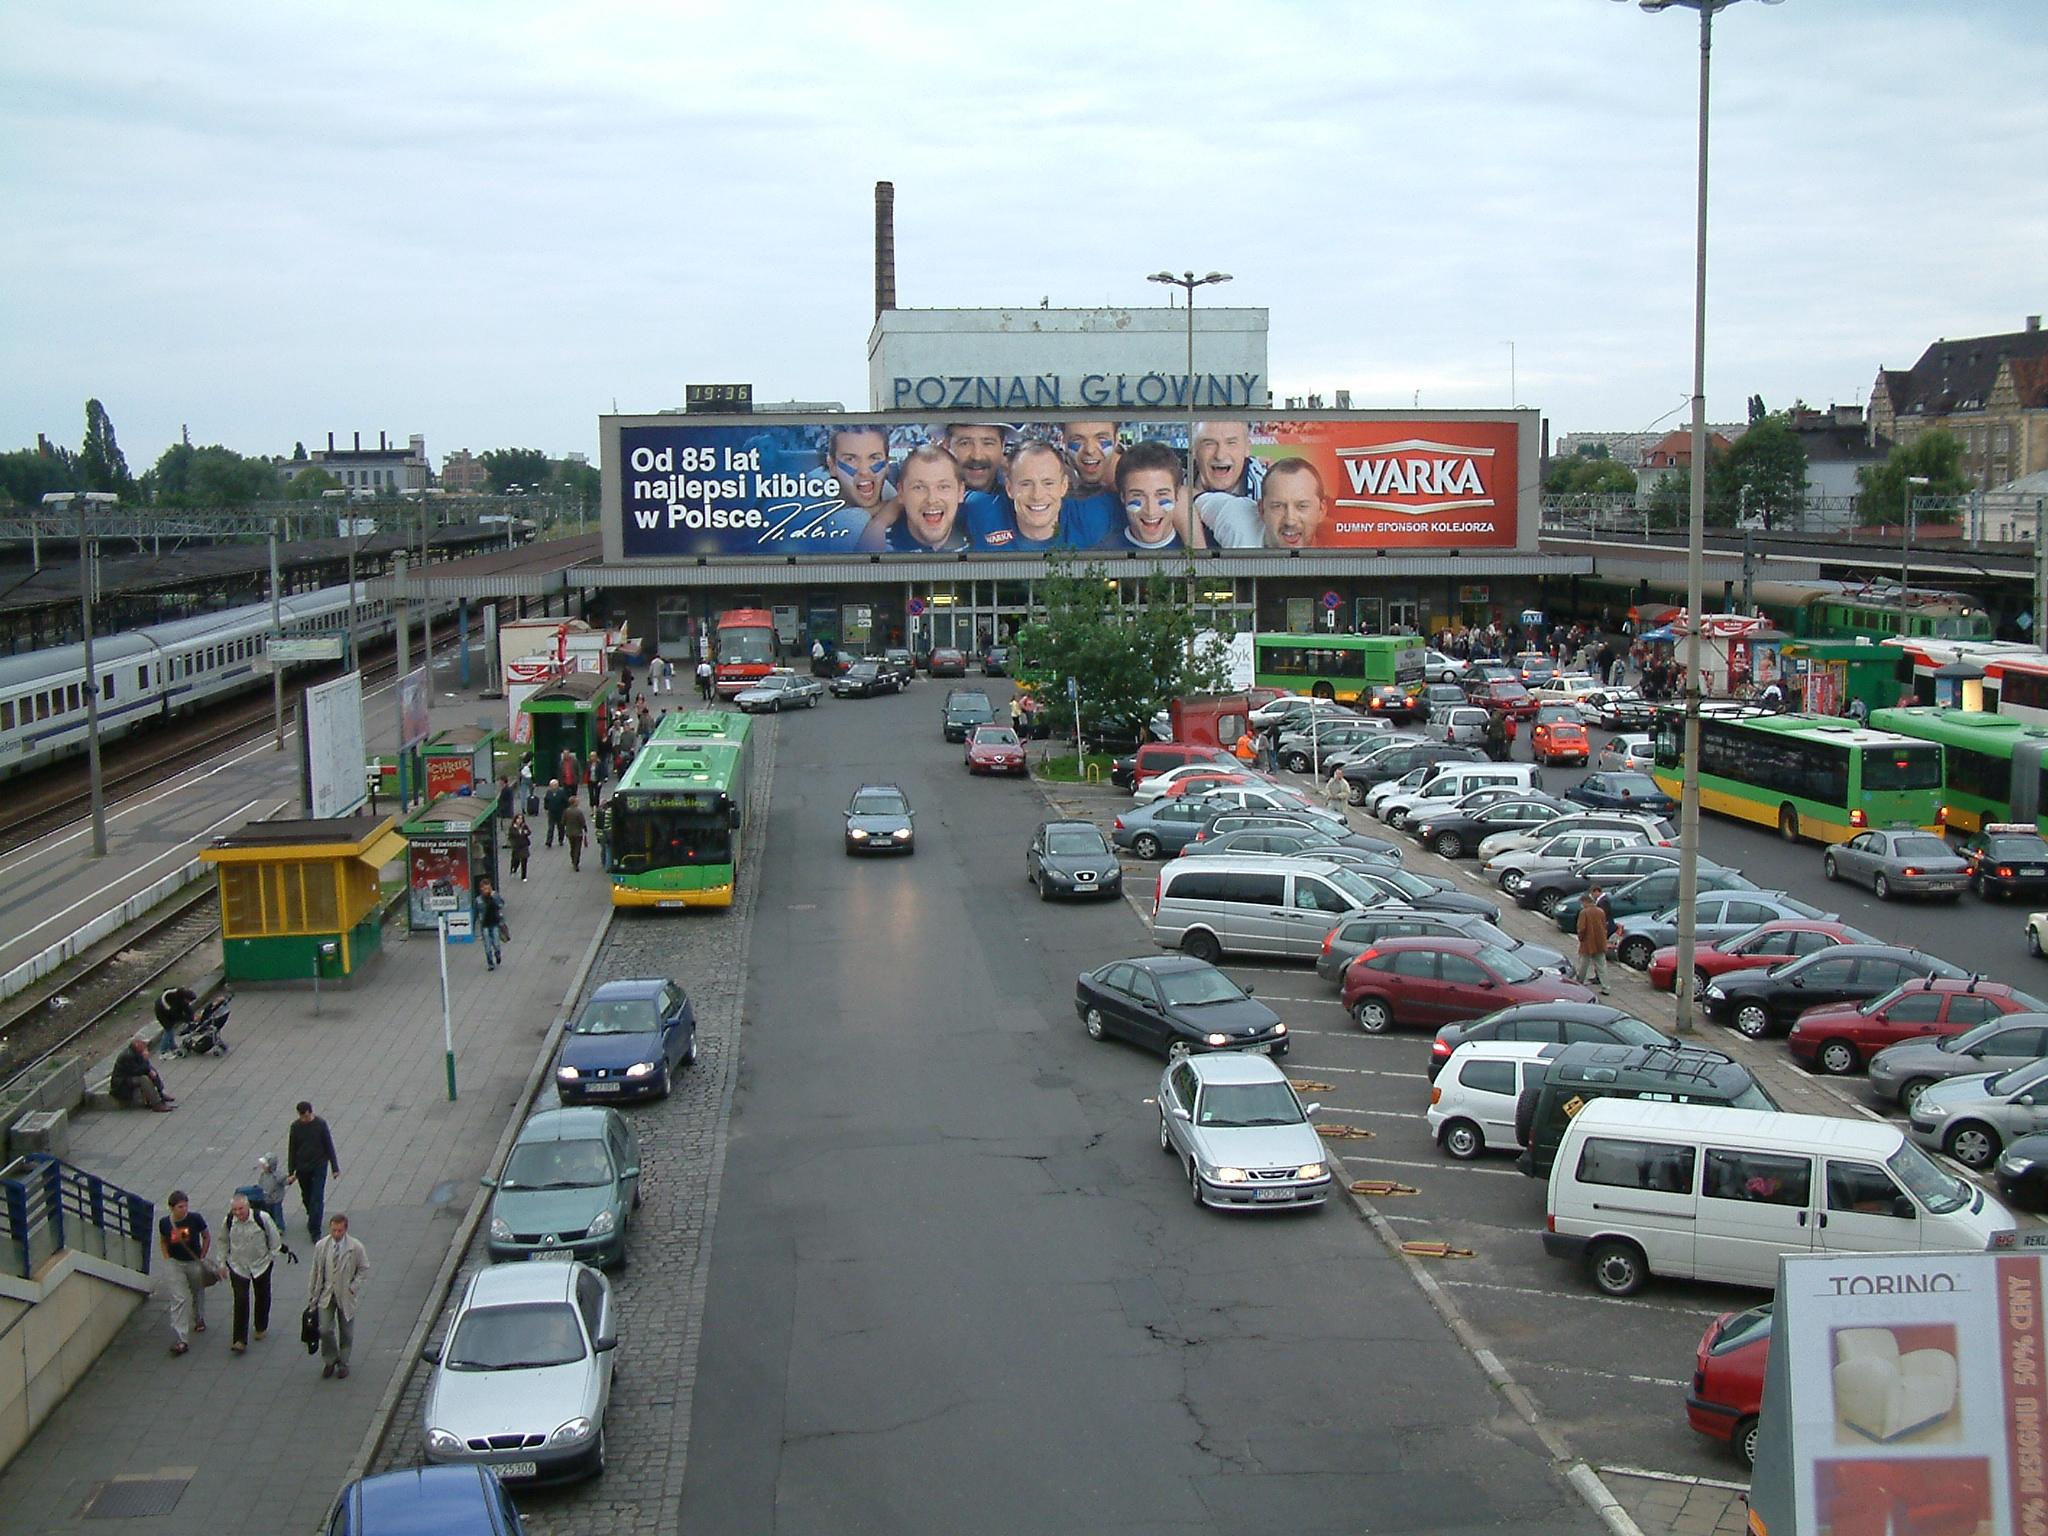 Poznań Główny lipiec 2007 RB1.JPG